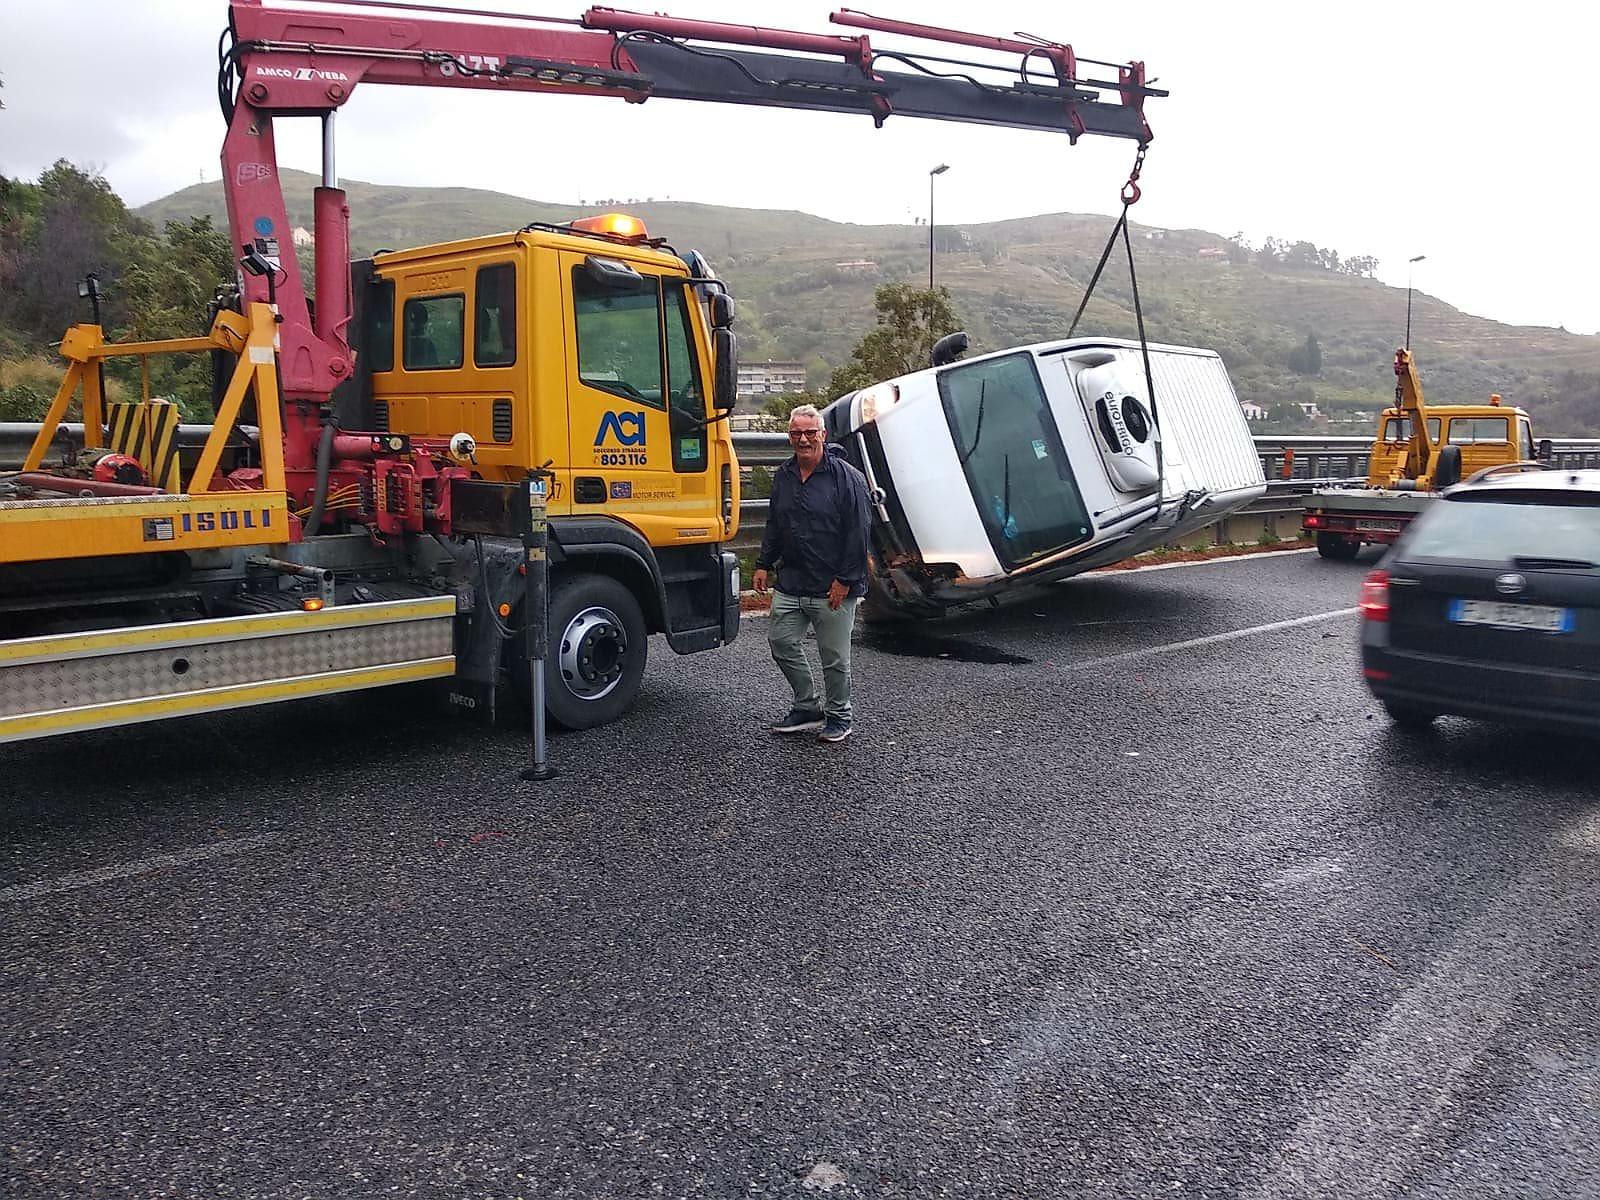 Si ribalta furgone sulla A20 all'altezza svincolo Messina Gazzi. Caos totale prima di trainarlo via col carroattrezzi